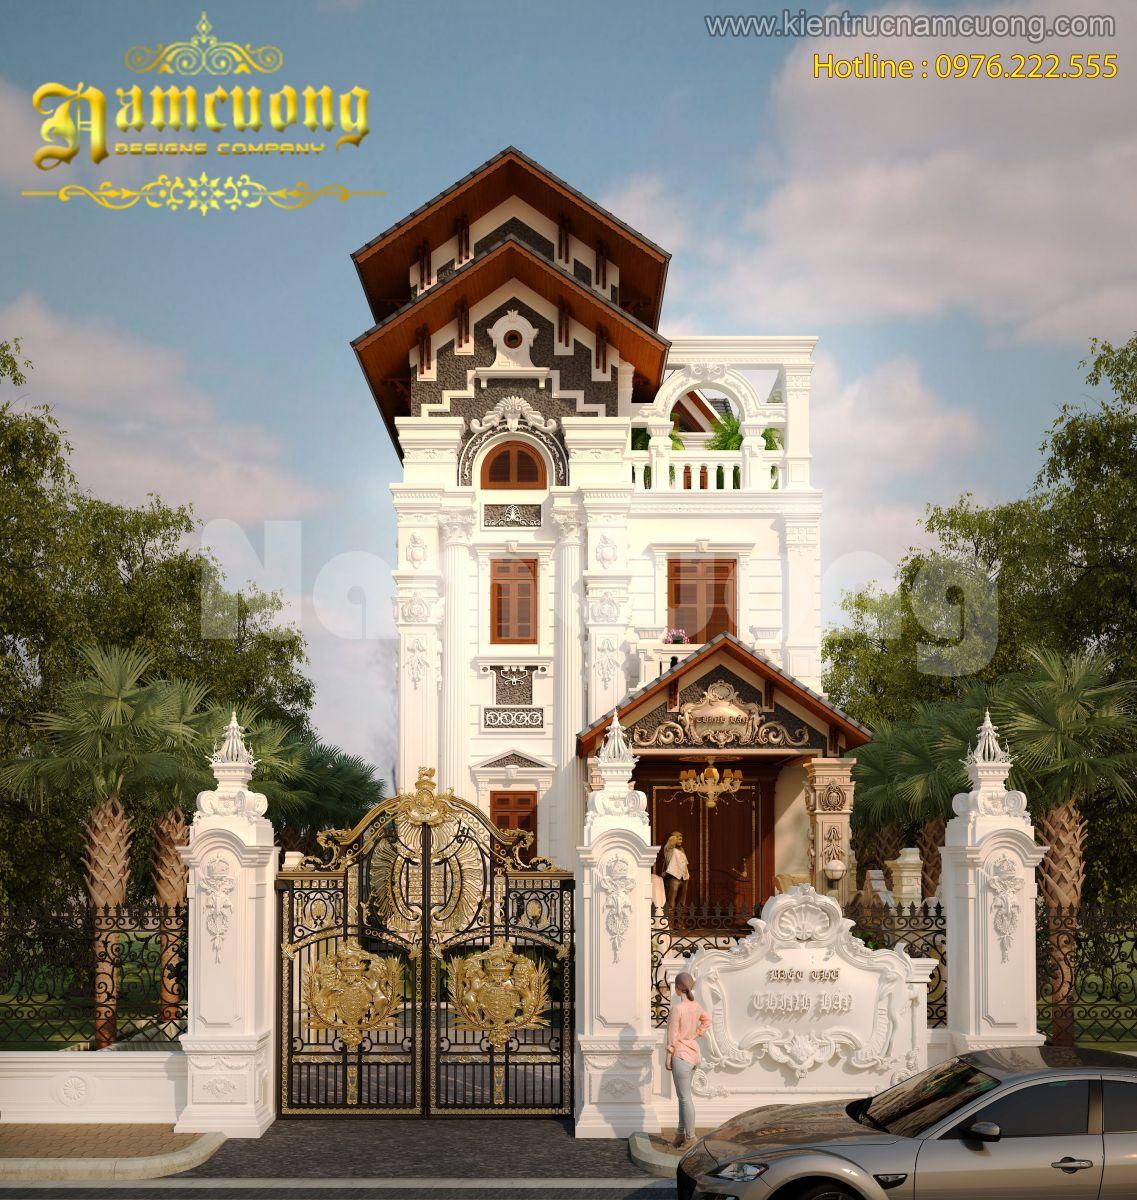 Ngắm nhìn biệt thự Pháp cổ điển 3 tầng tại Quảng Ninh - BTP 003